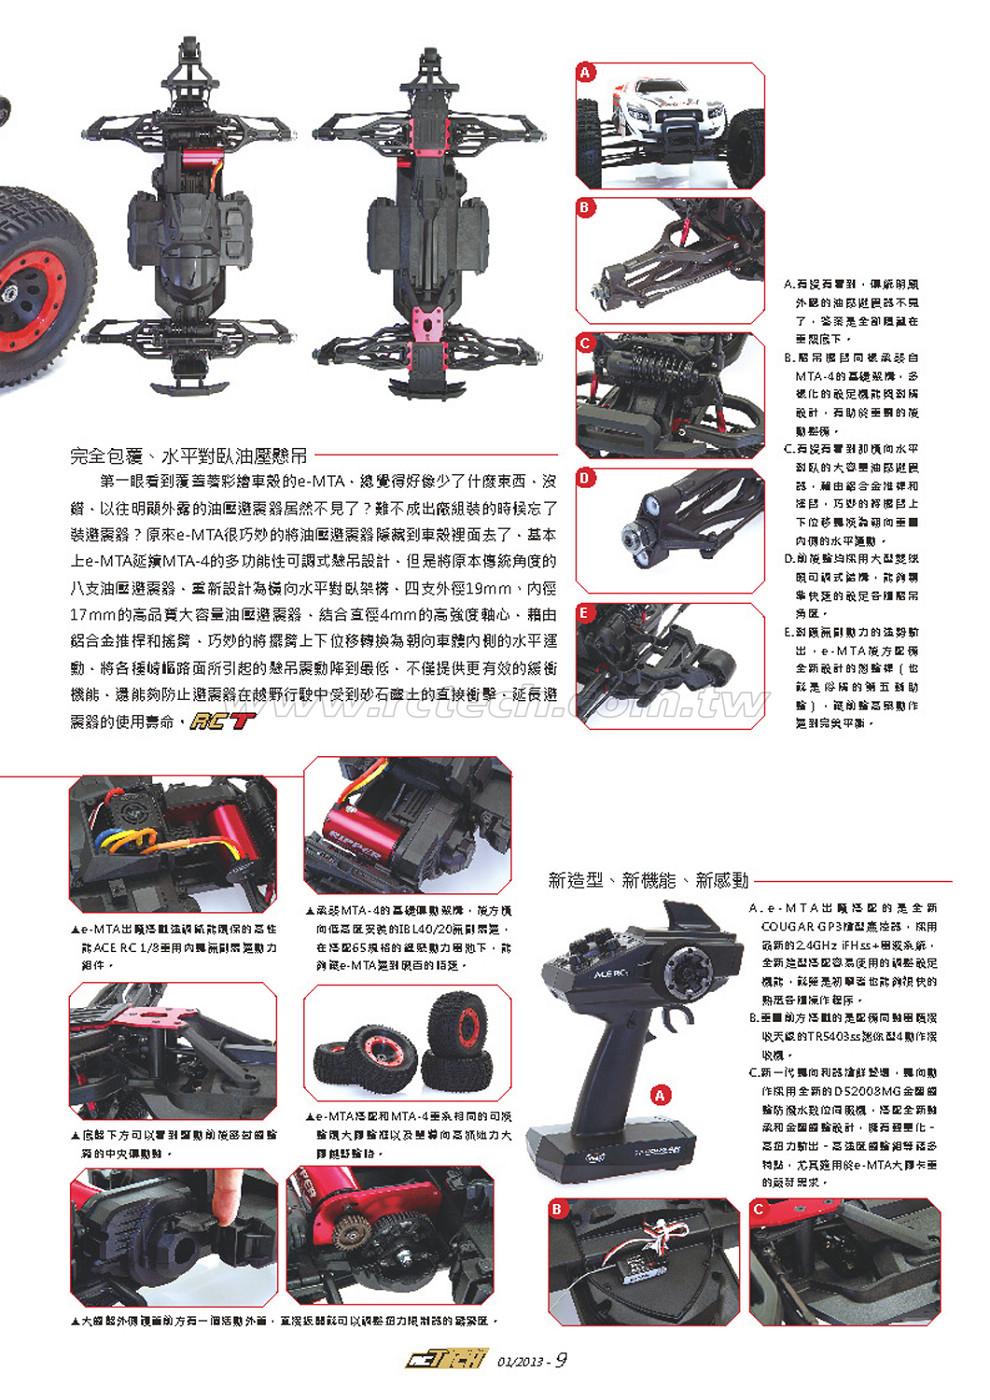 遙控技術雜誌 RC TECH magazine: 雷虎科技e-MTA...徹底釋放100+ km/h的速度潛能